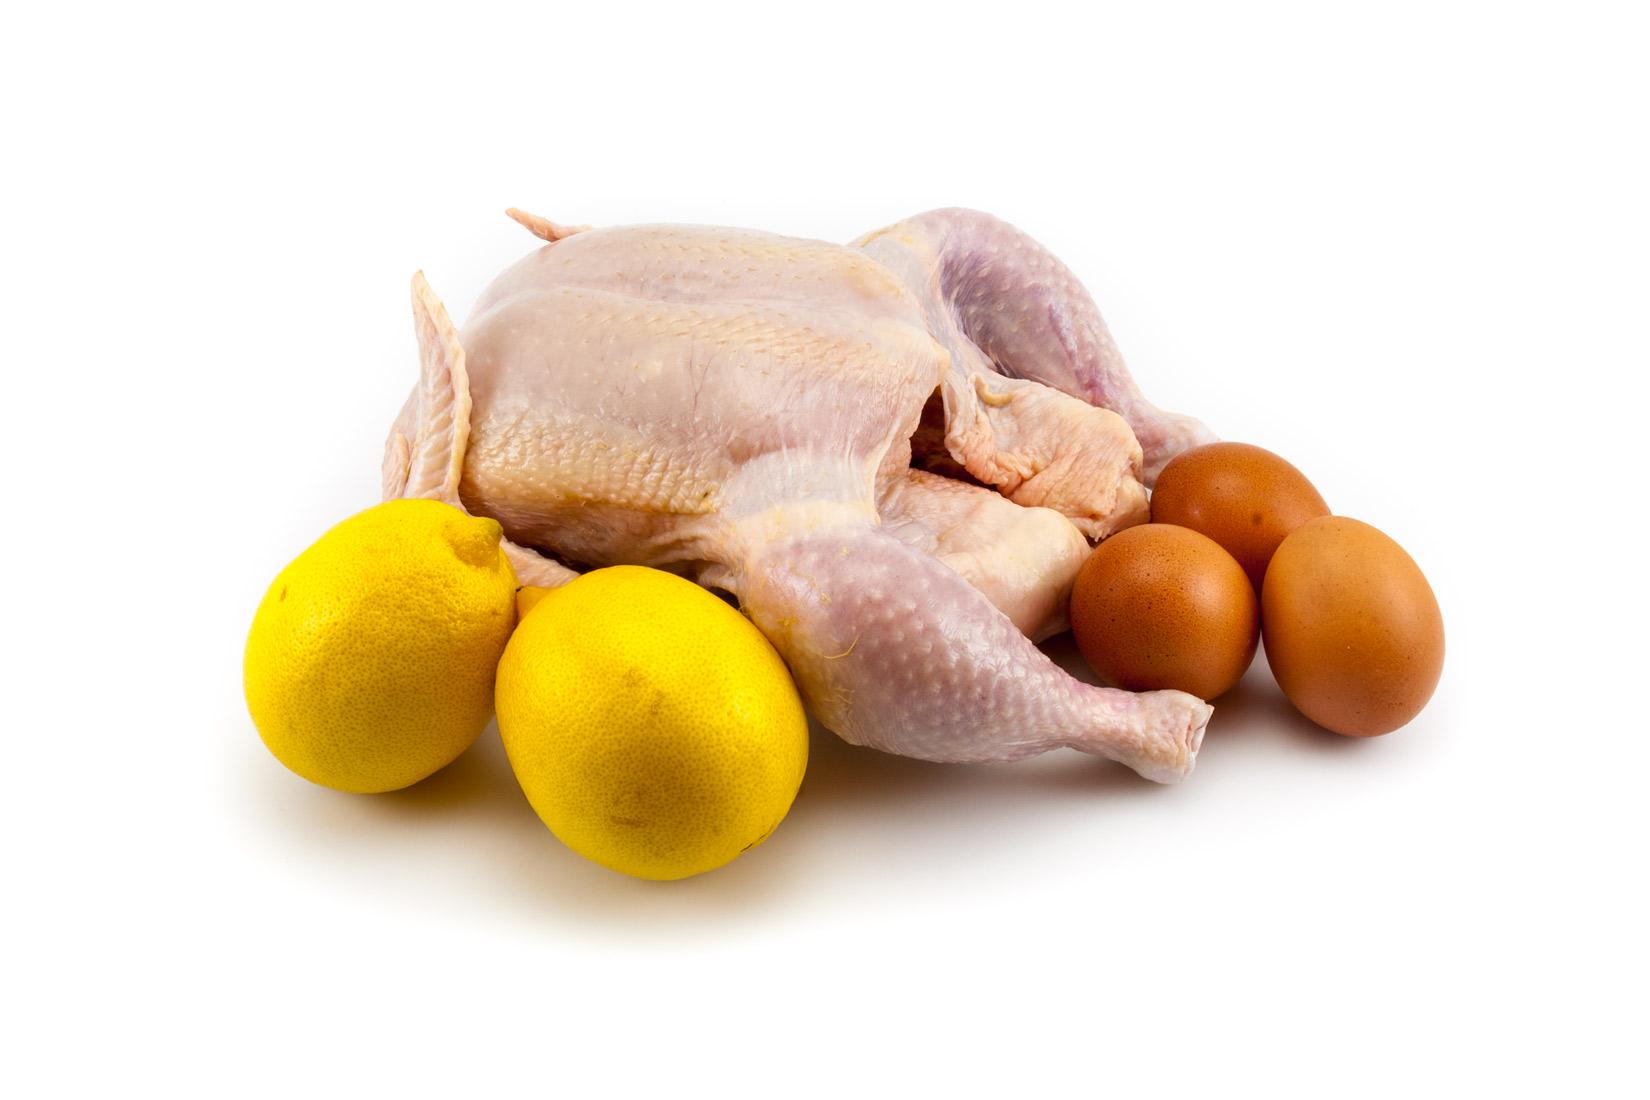 Bez kuřátka by nebyla kuřecí polévka to pravé. A citrón a vejce jsou v Avgolémono těmi nejdůležitějšími  přísadami